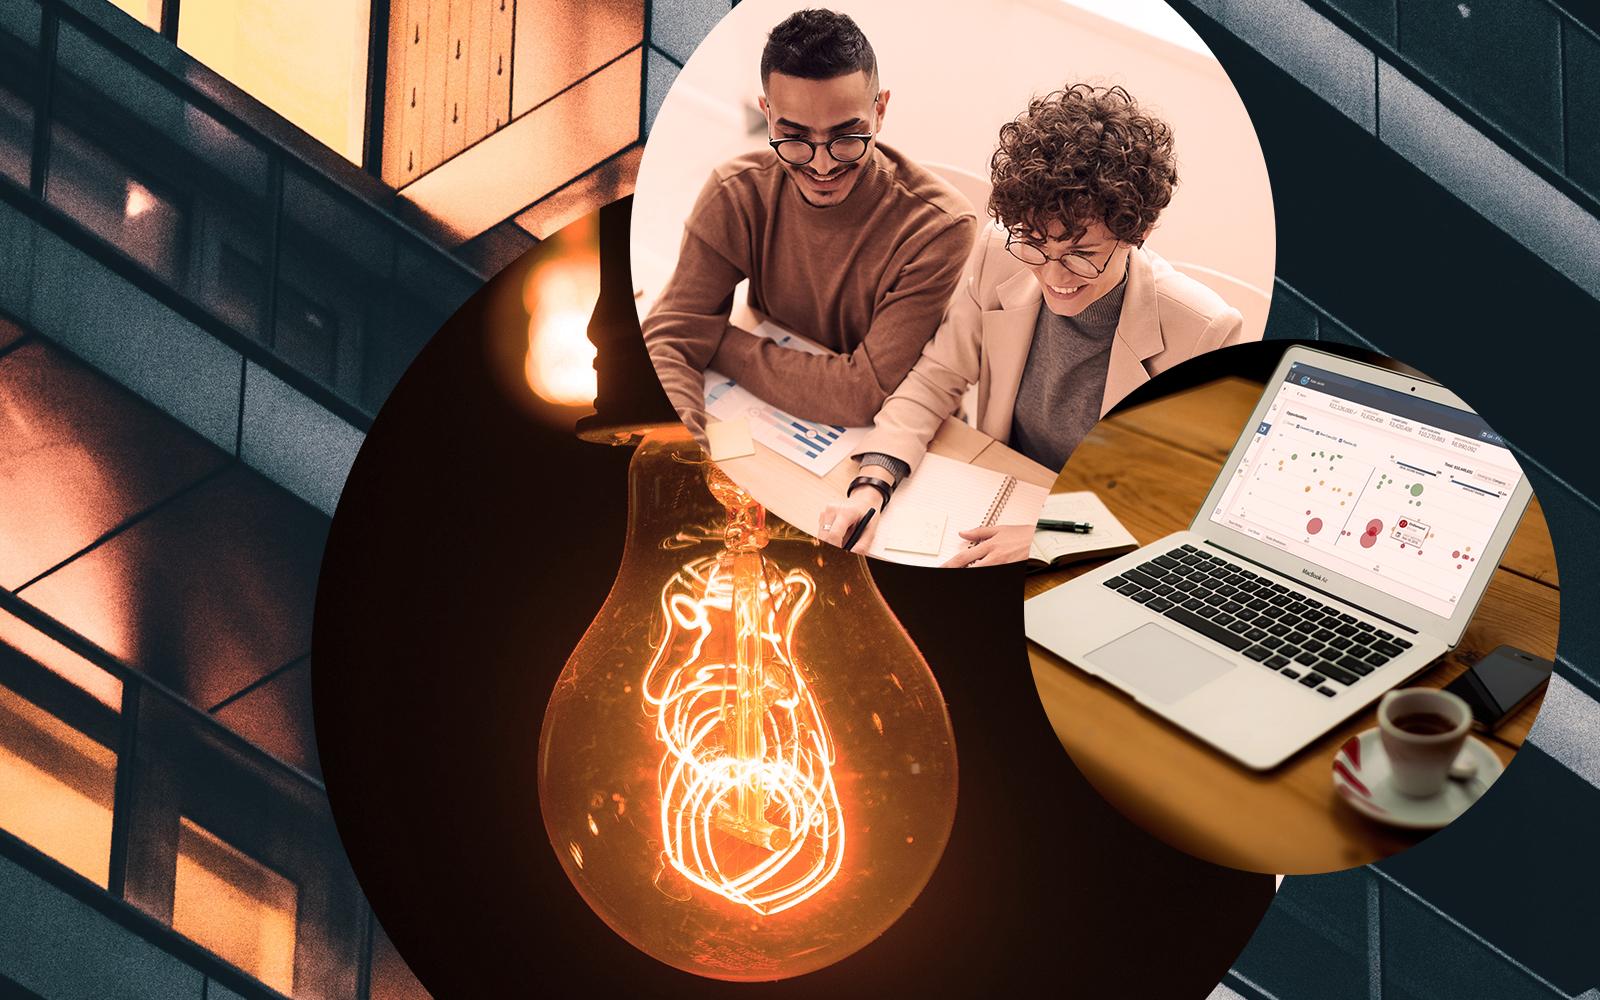 Bild von zwei Personen, die Notizen vor sich liegen haben, daneben in einem runden Bildausschnitt ein aufgeklappter Laptop sowie eine Glühbirne